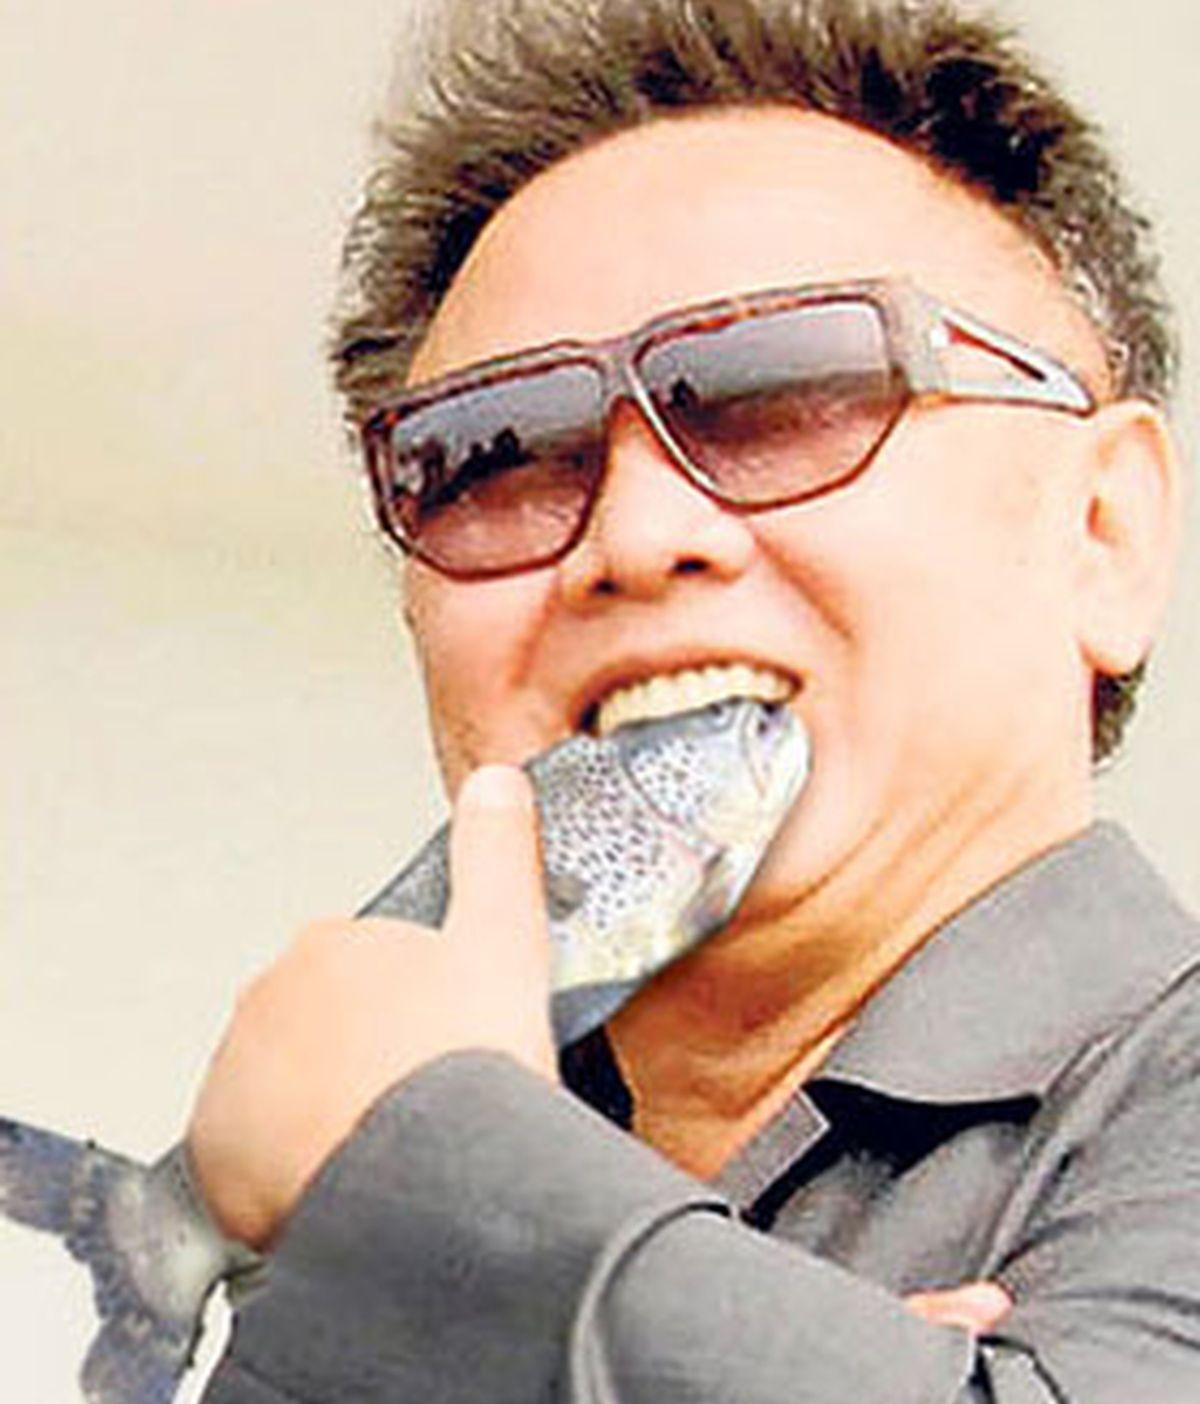 El líder norcoreano, Kim Jong-il y sus exclusivos gustos. Foto The Sun